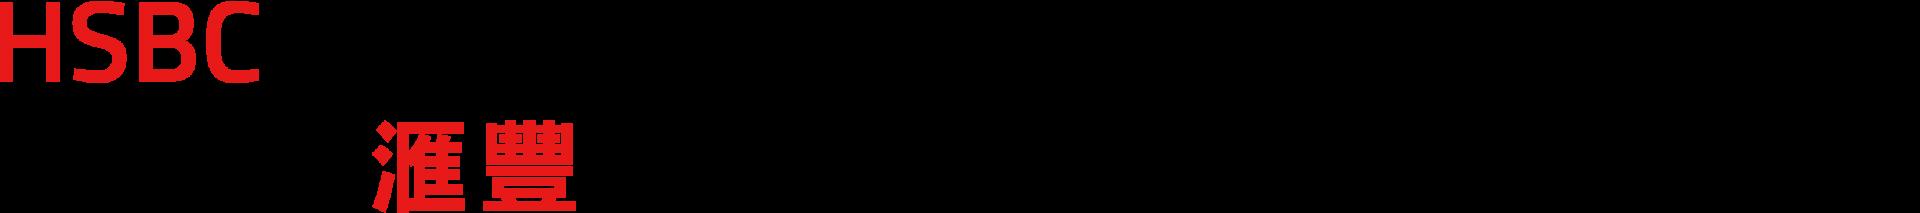 fs_header_banner